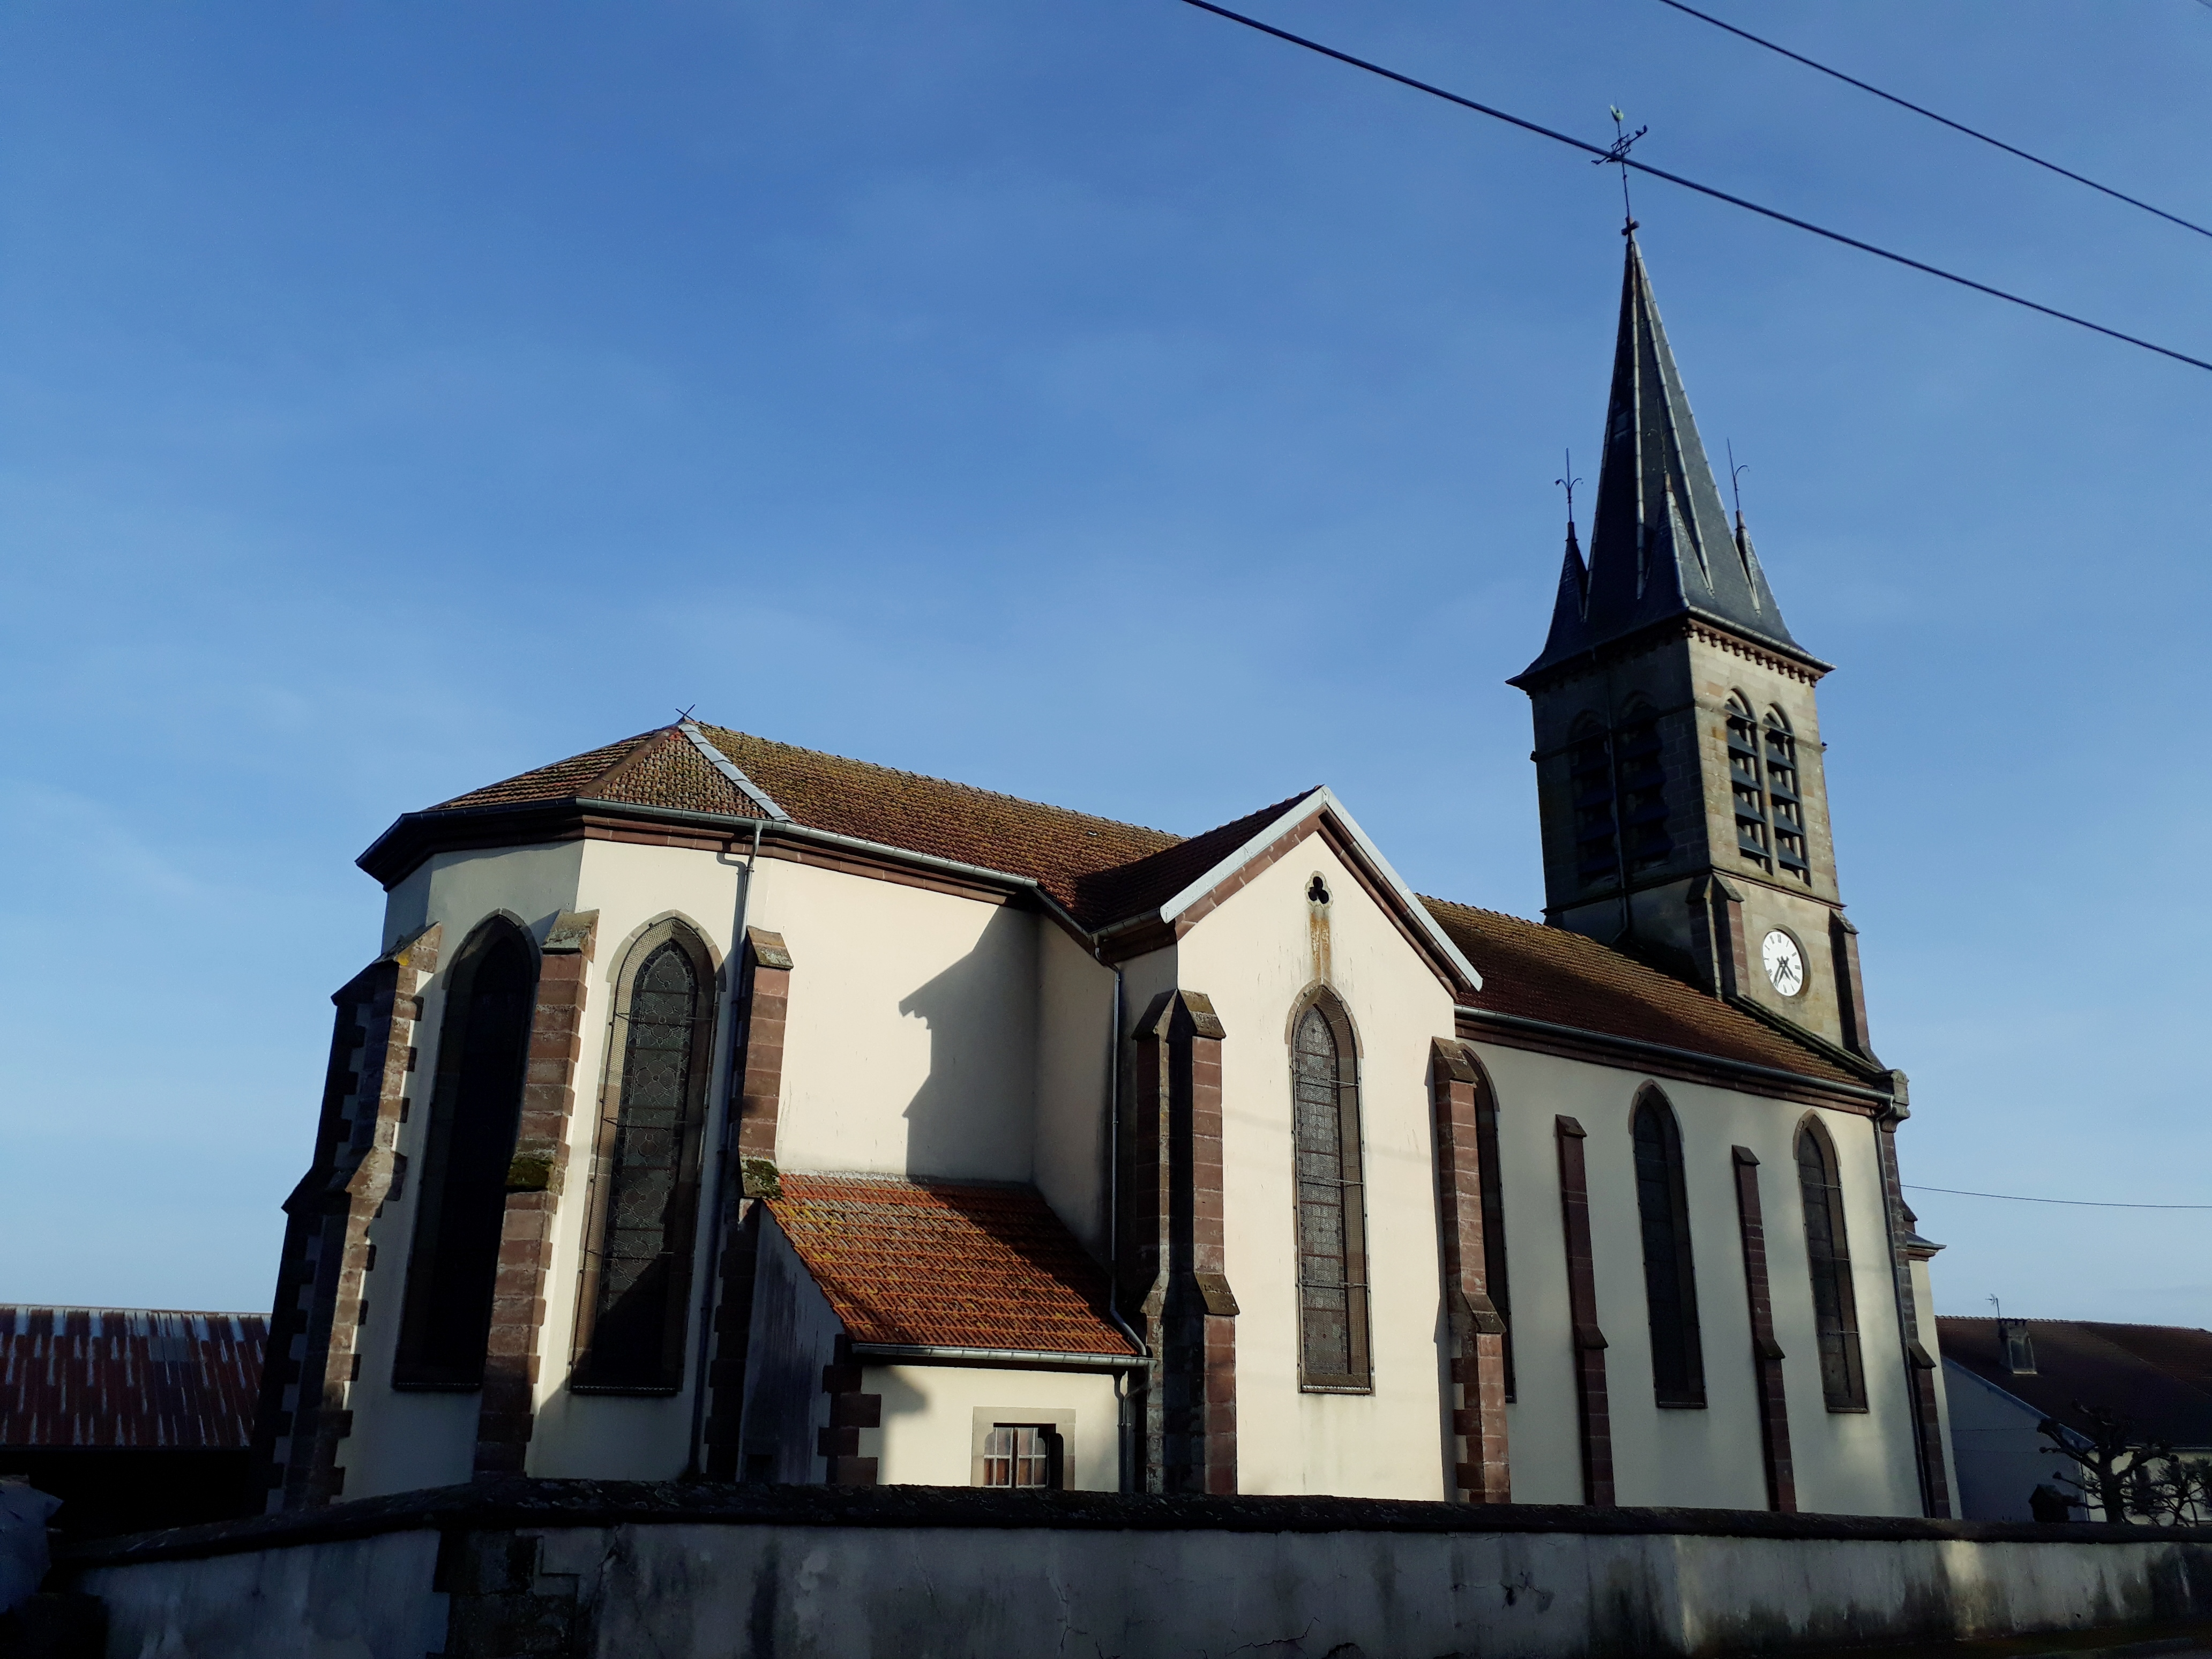 Eglise de Provenchères-lès-Darney dans les Vosges